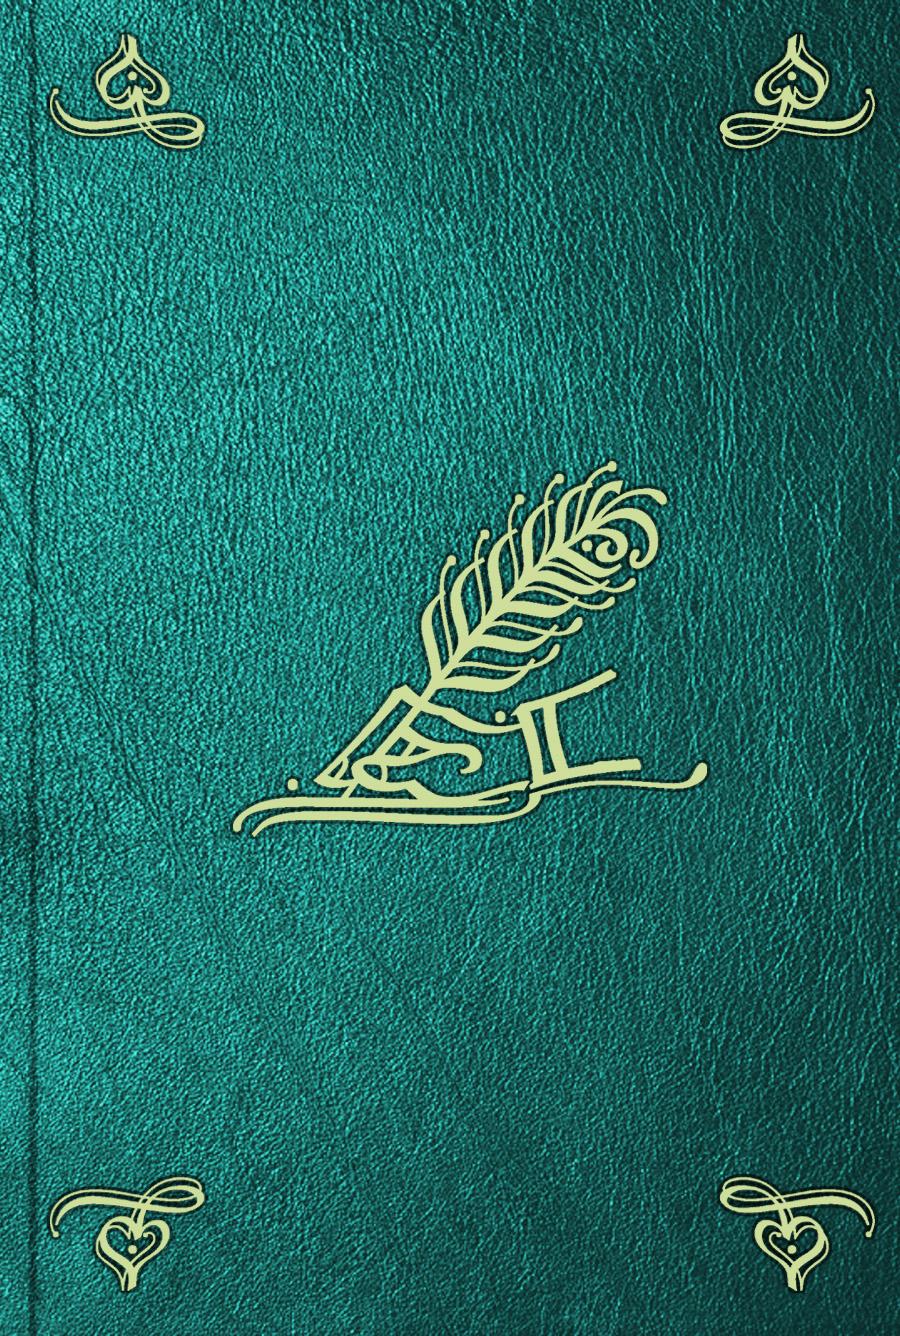 Отсутствует L'hermite en Irlande. T. 2 отсутствует fabliaux et contes des poètes françois des xi xii xiii xiv e et xv e siècles t 2